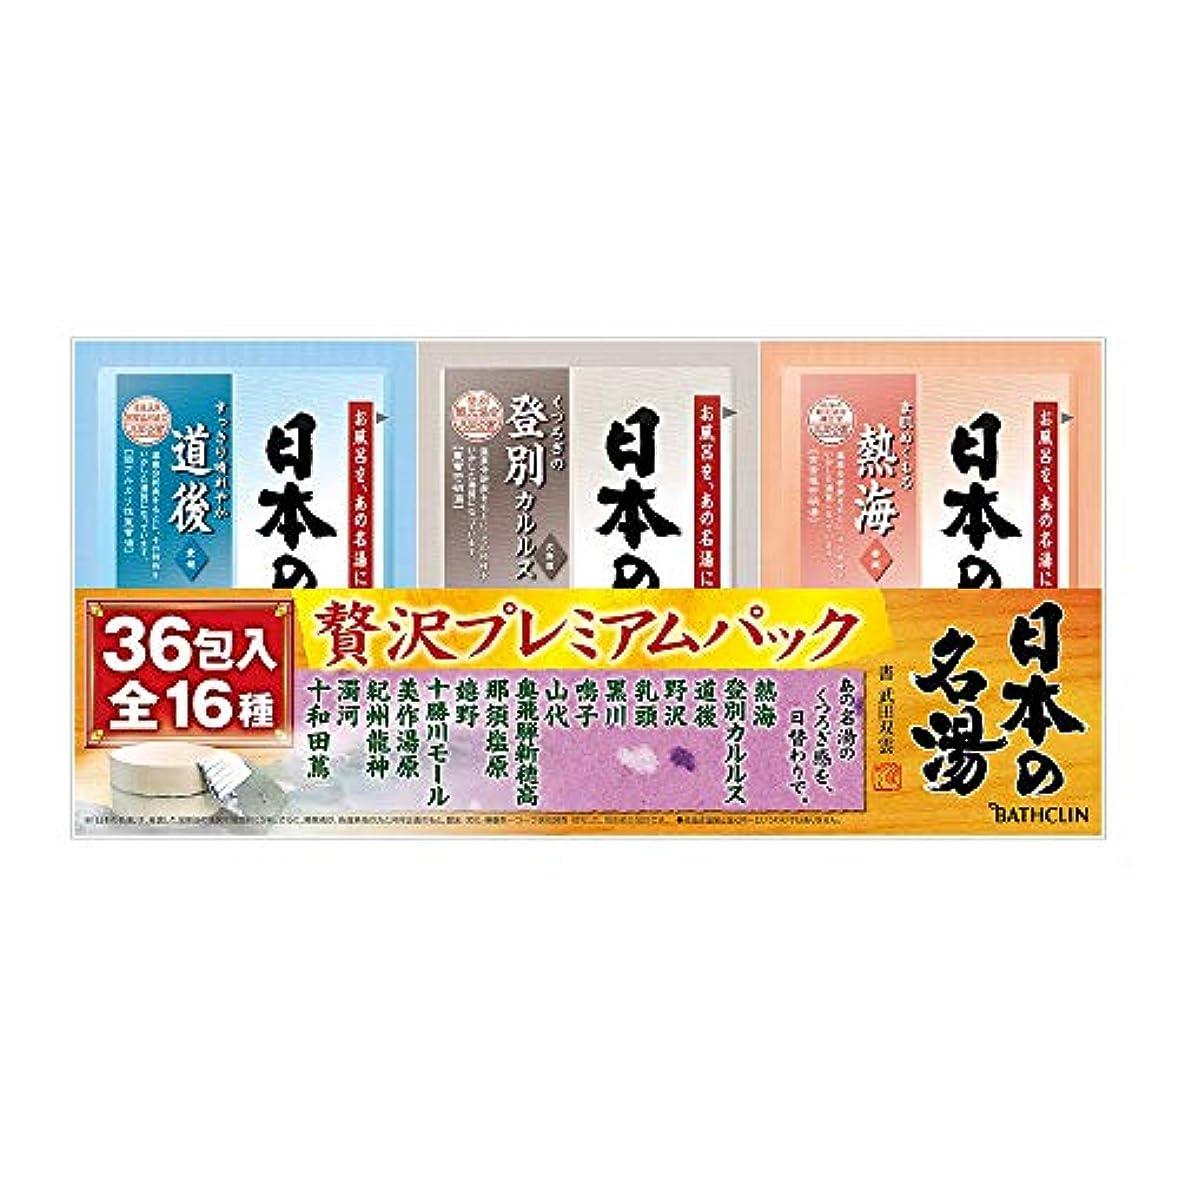 サドル気難しい振る【医薬部外品/大容量】日本の名湯入浴剤 贅沢プレミアムパック36包入 個包装 詰め合わせ 温泉タイプ